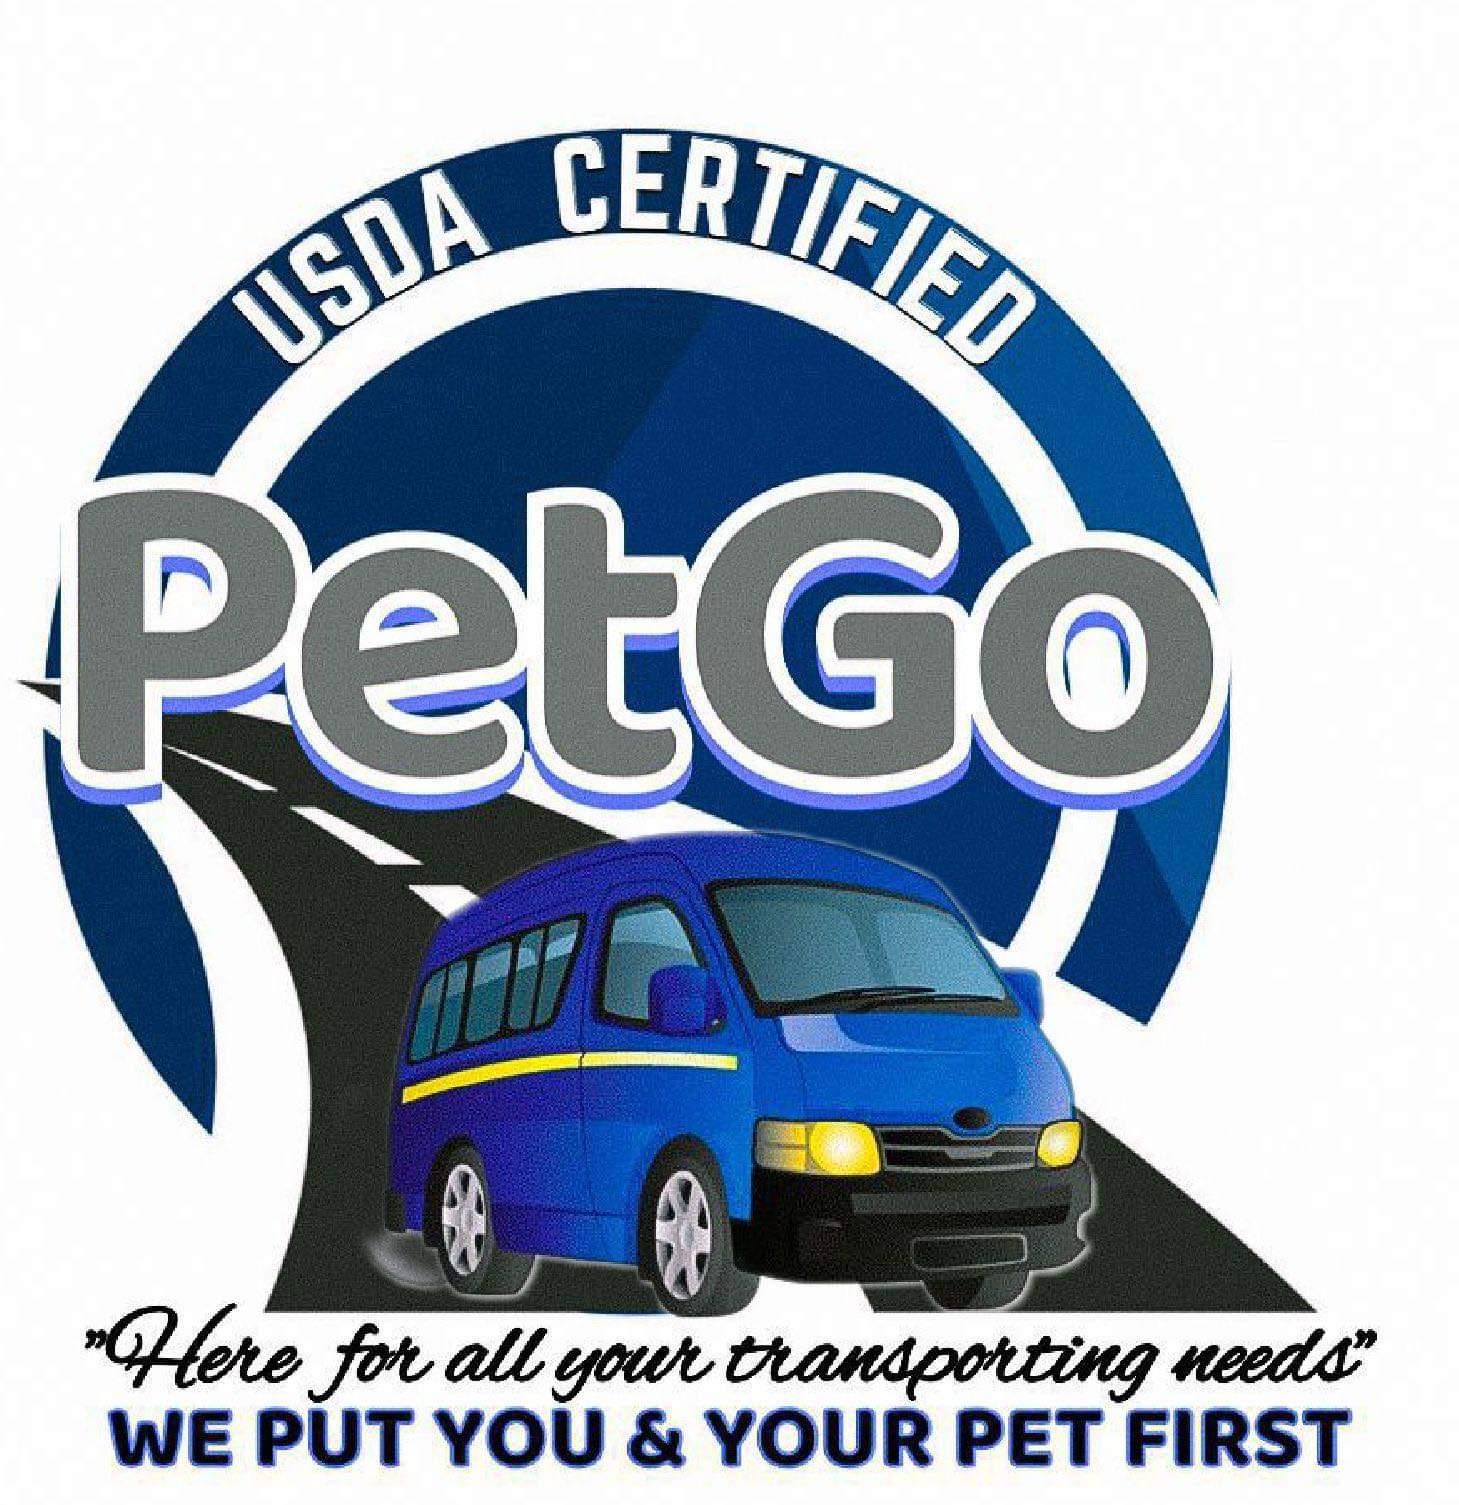 PetGo